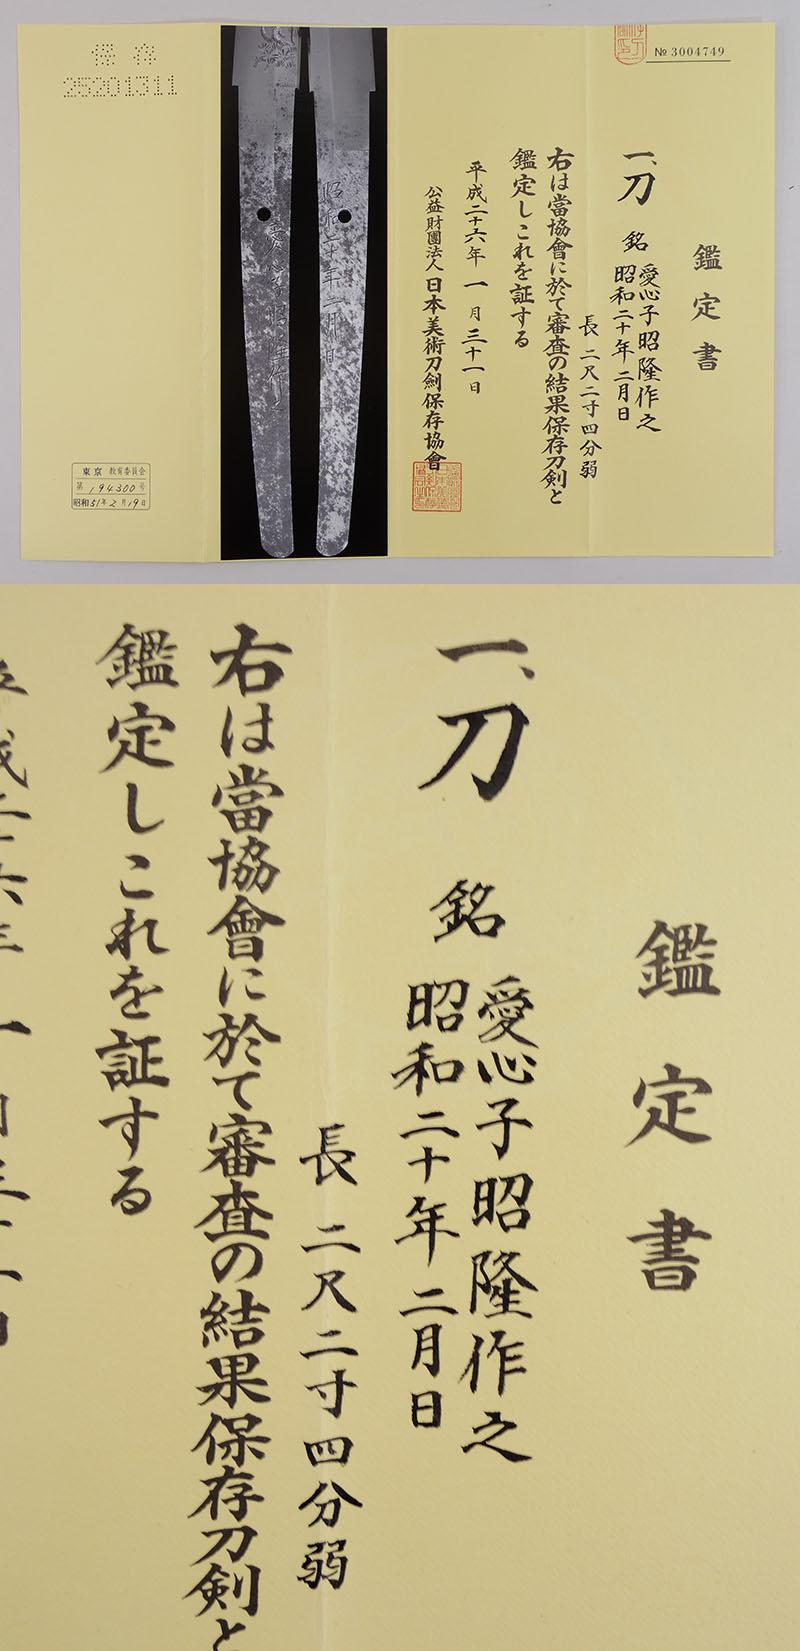 現代刀 刀 愛心子昭隆作之 昭和二十年二月日 Picture of Certificate